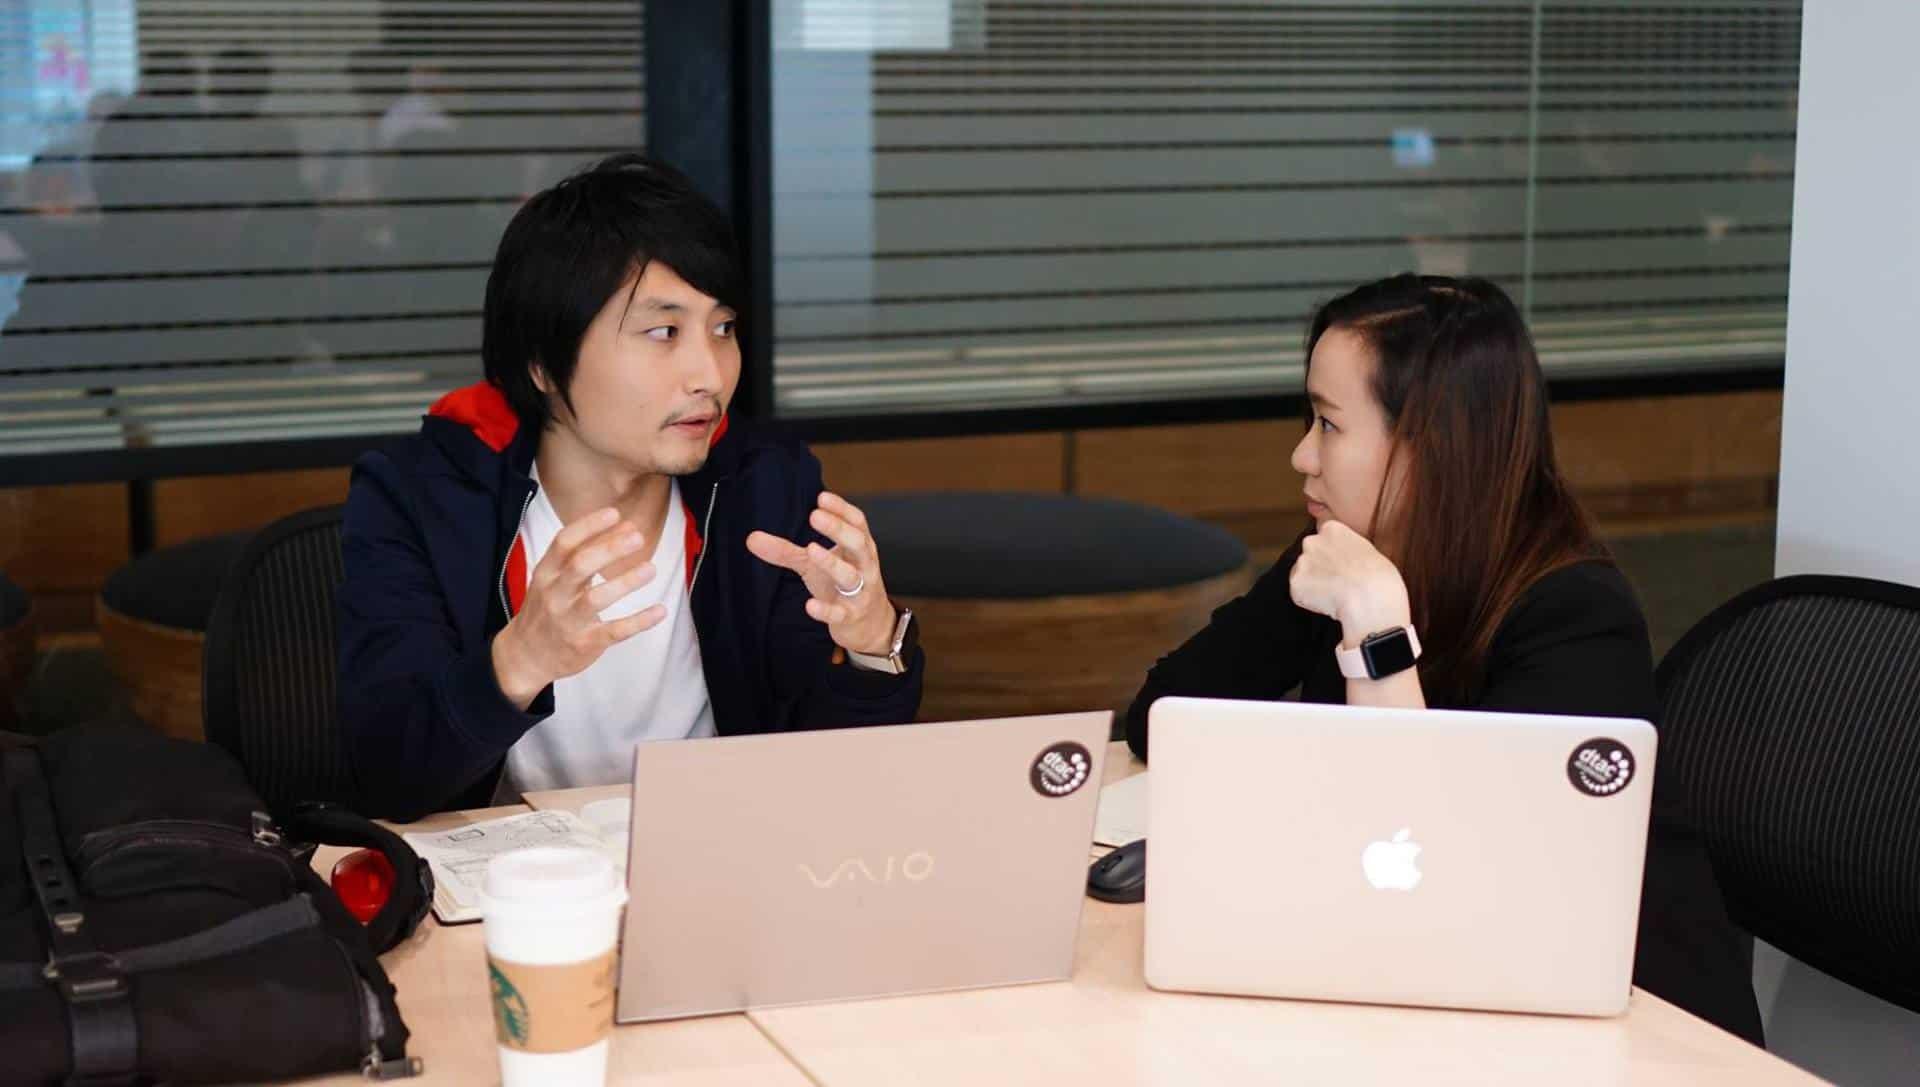 """ดีแทค แอคเซอเลอเรท จัดโปรแกรม """"A Academy"""" ผลักดันบริษัทสตาร์ตอัพ Alumni ให้สามารถระดมทุน ขึ้นไปสู่ระดับ Series A และไปให้ถึงเป้าหมายสูงสุดในการเป็นยูนิคอร์นตัวแรกของประเทศไทย"""